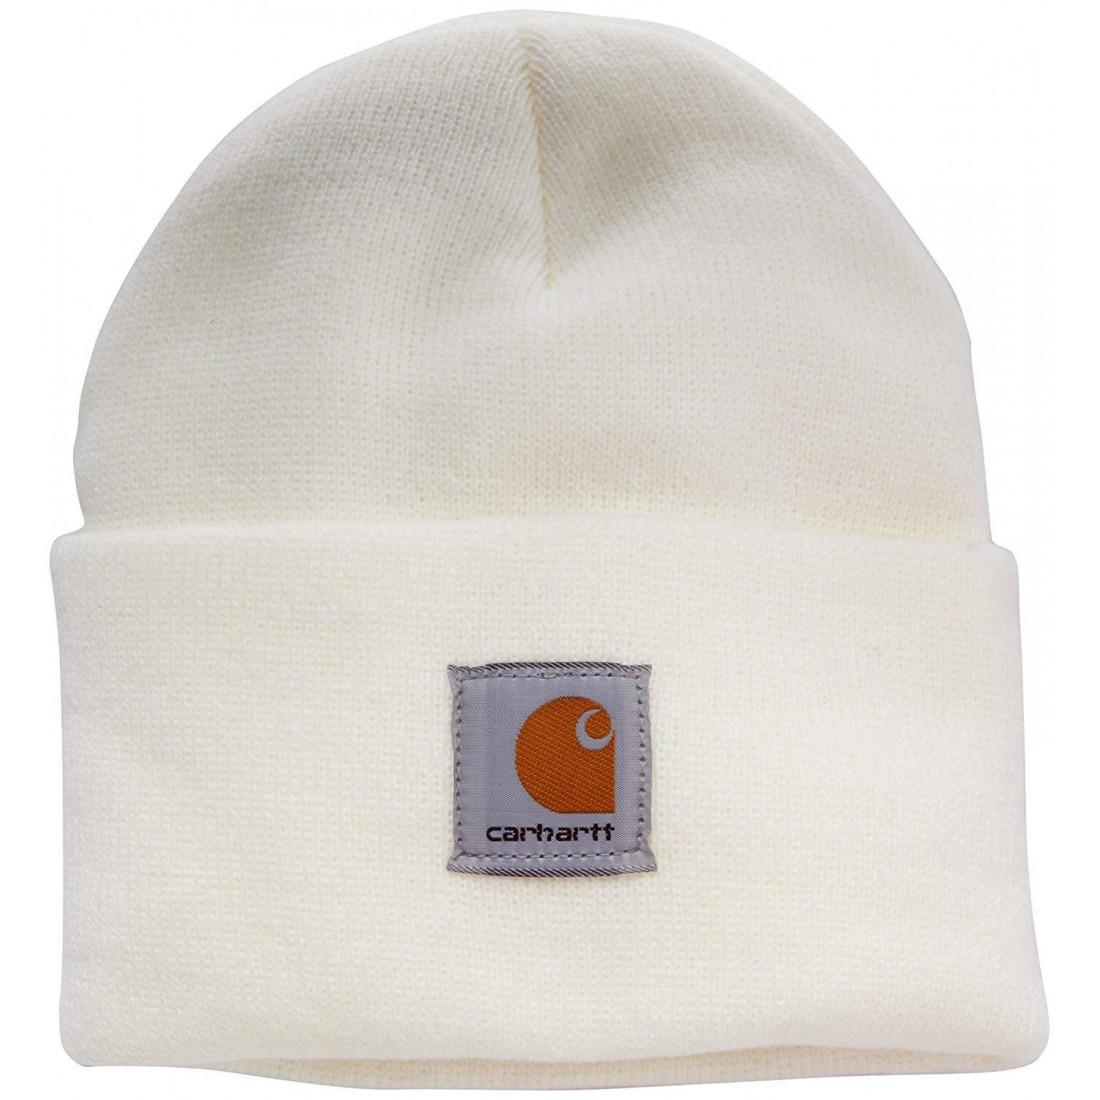 Gorro de lana Carhartt